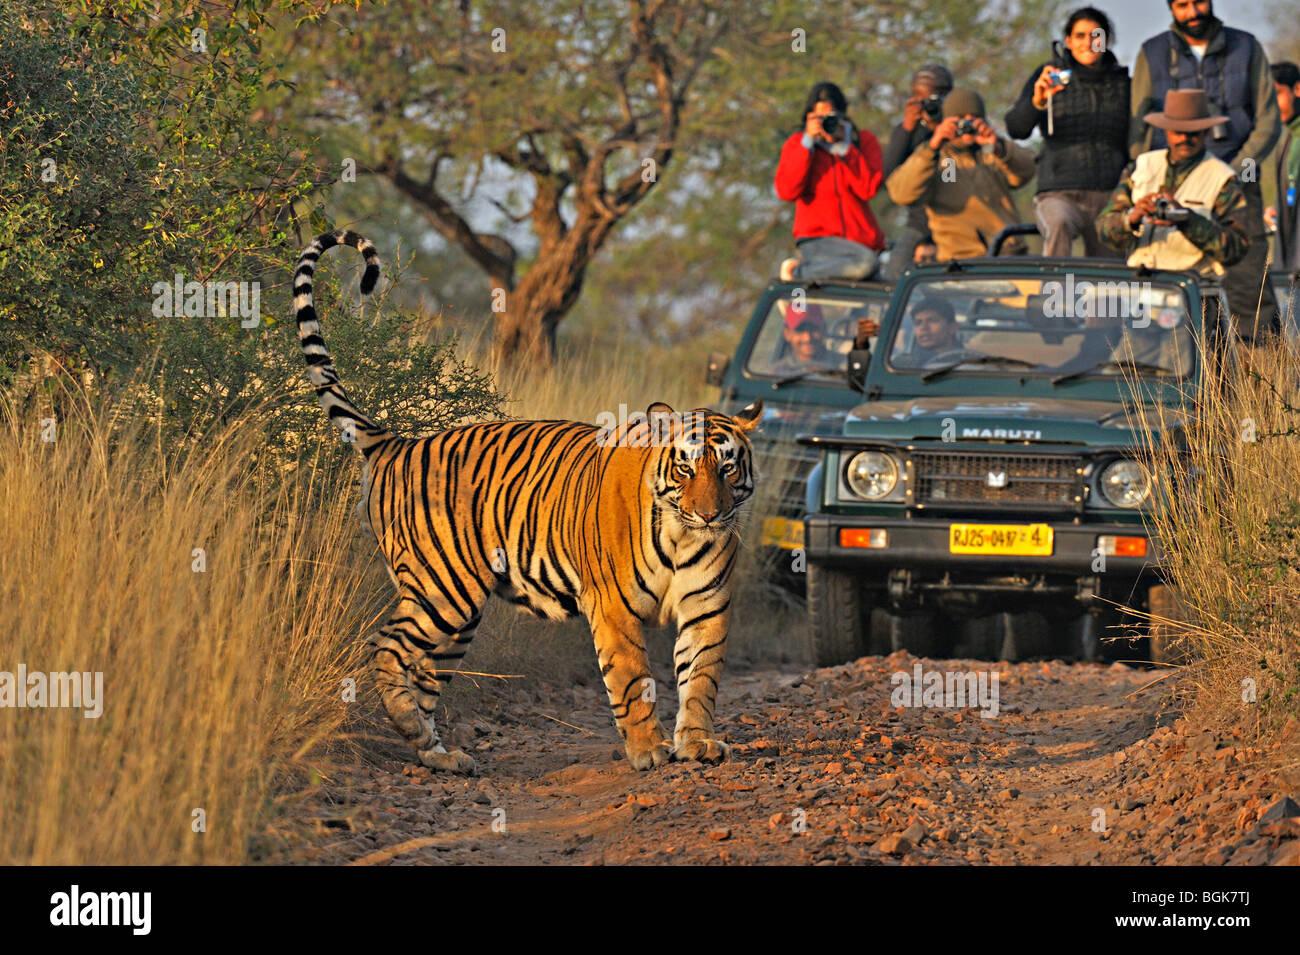 Veicoli turistici a seguito di una tigre una tigre safari in Ranthambhore riserva della tigre Immagini Stock